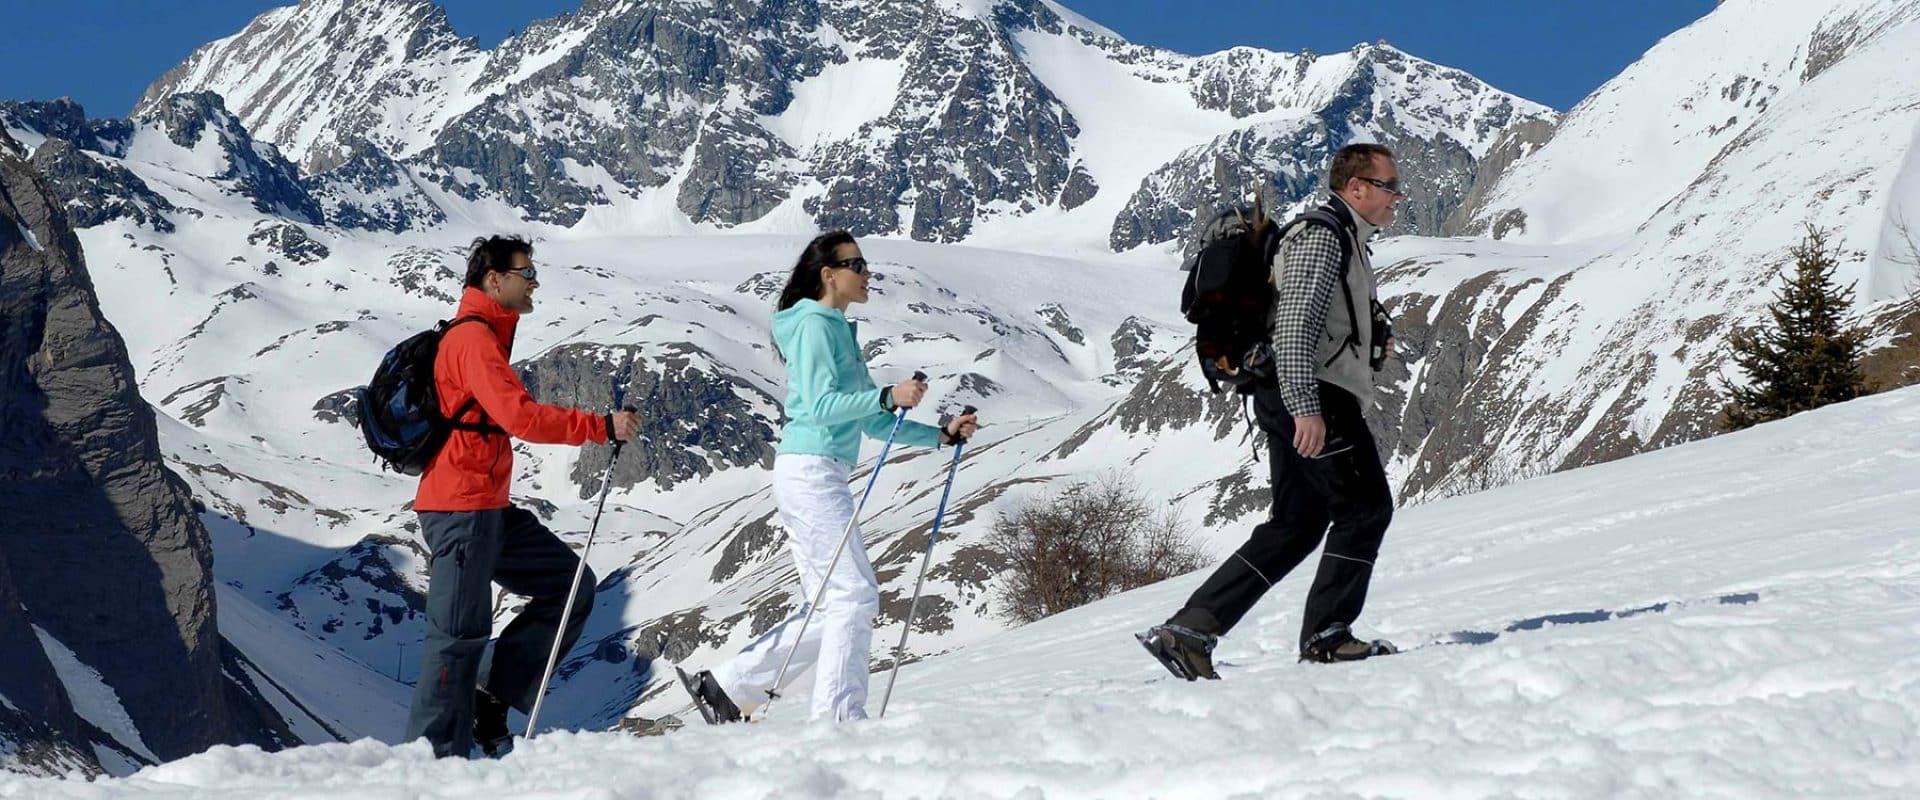 headerbild_schneeschuwandern